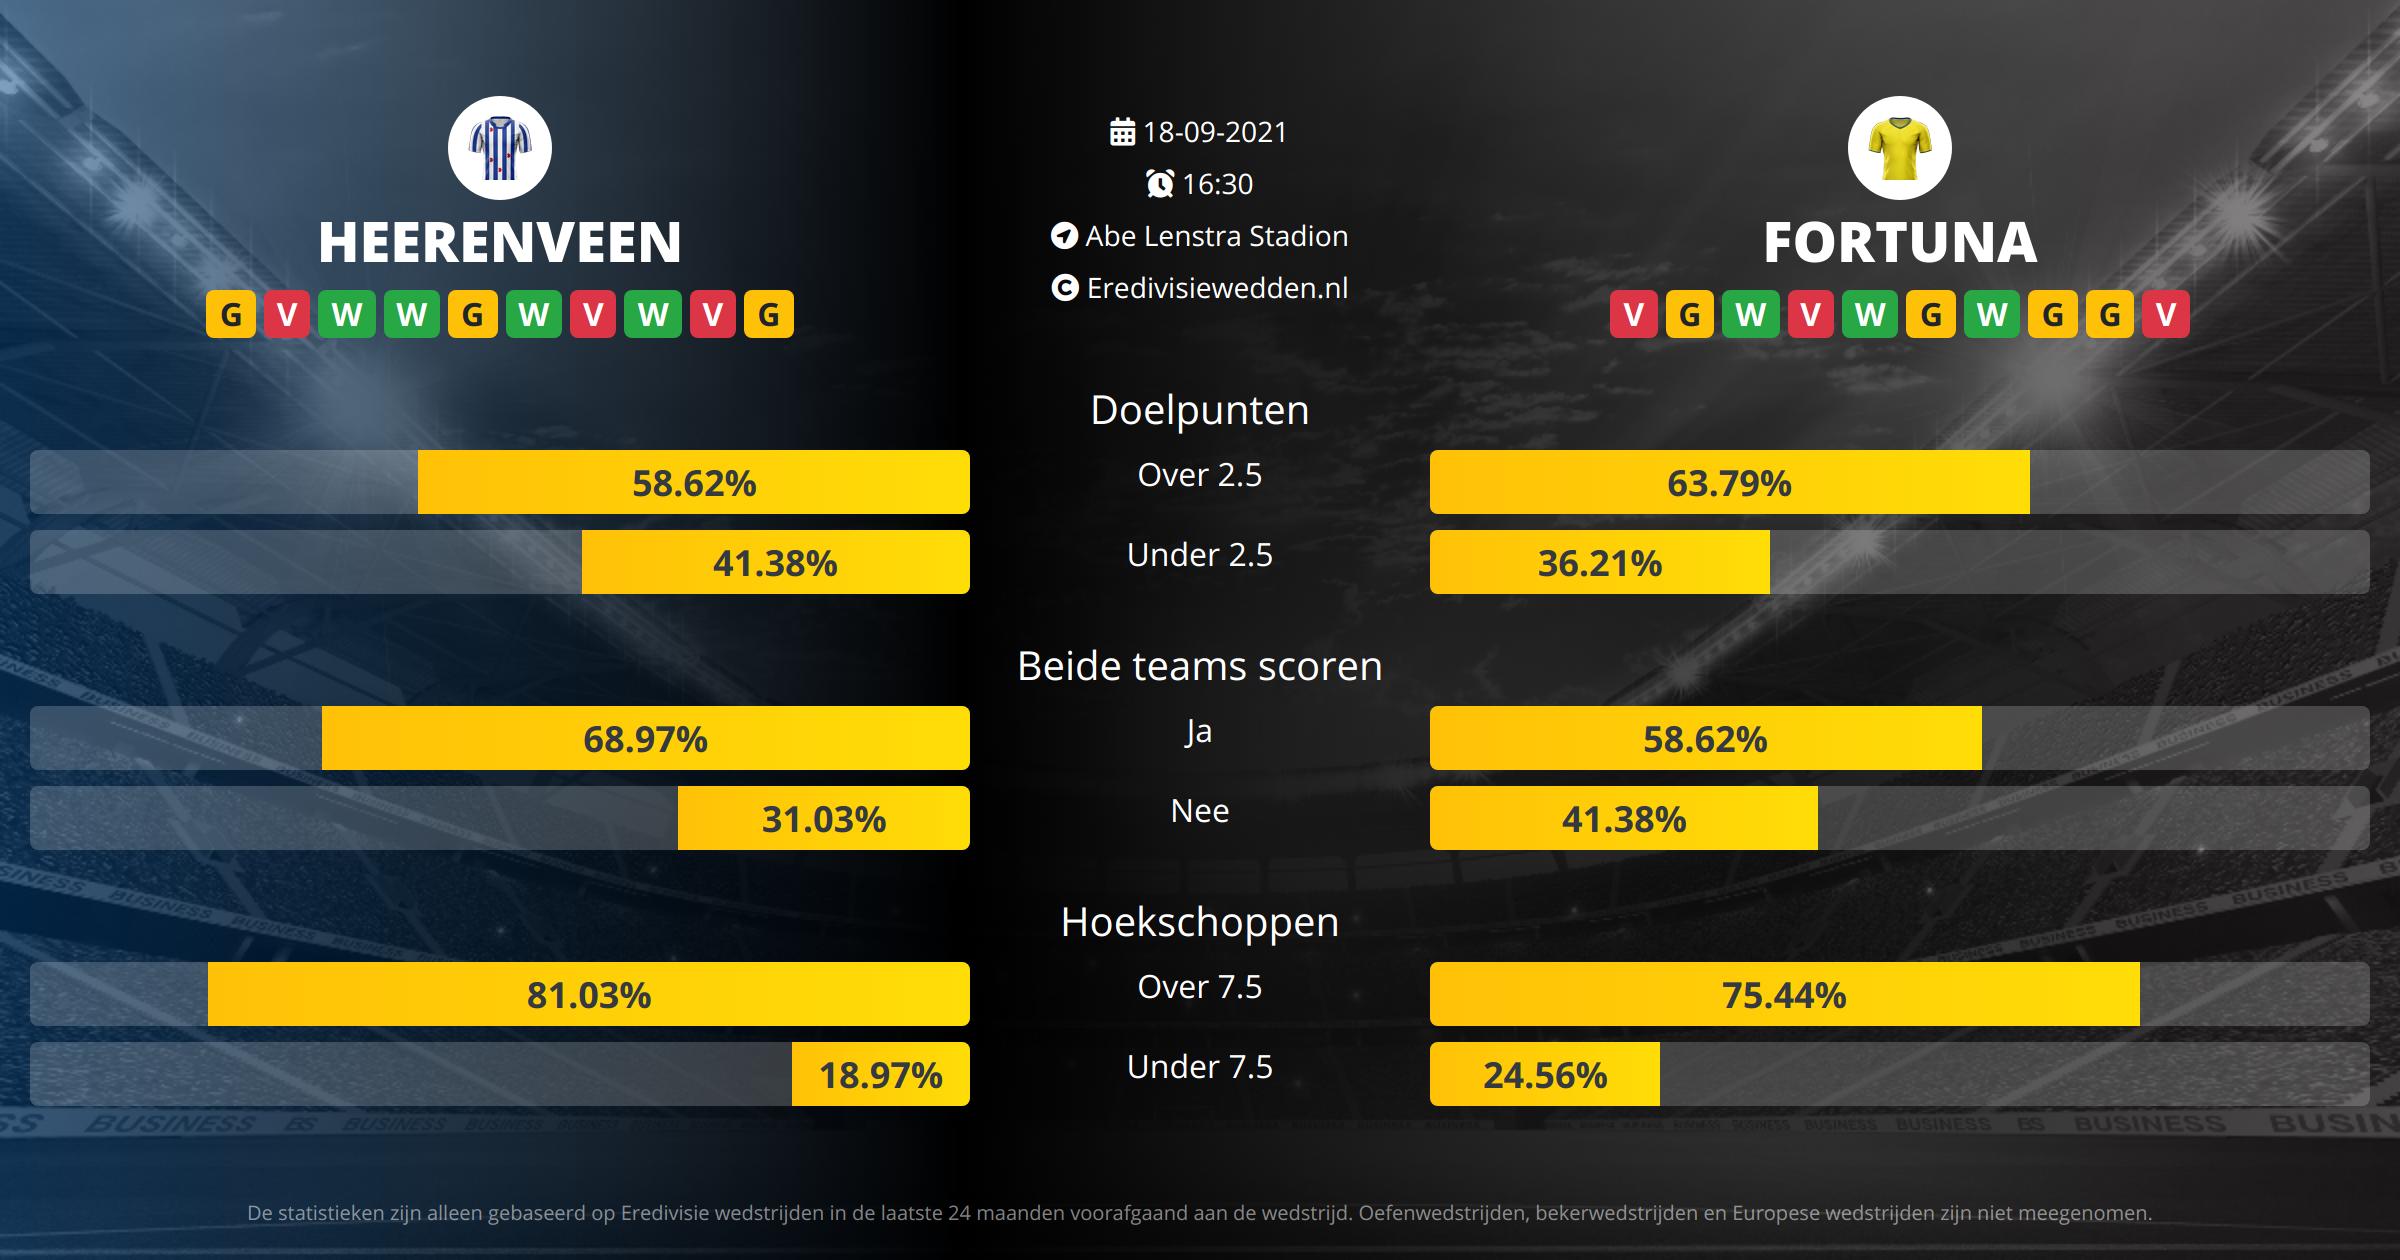 Voorspelling SC Heerenveen tegen Fortuna Sittard op  18  2021